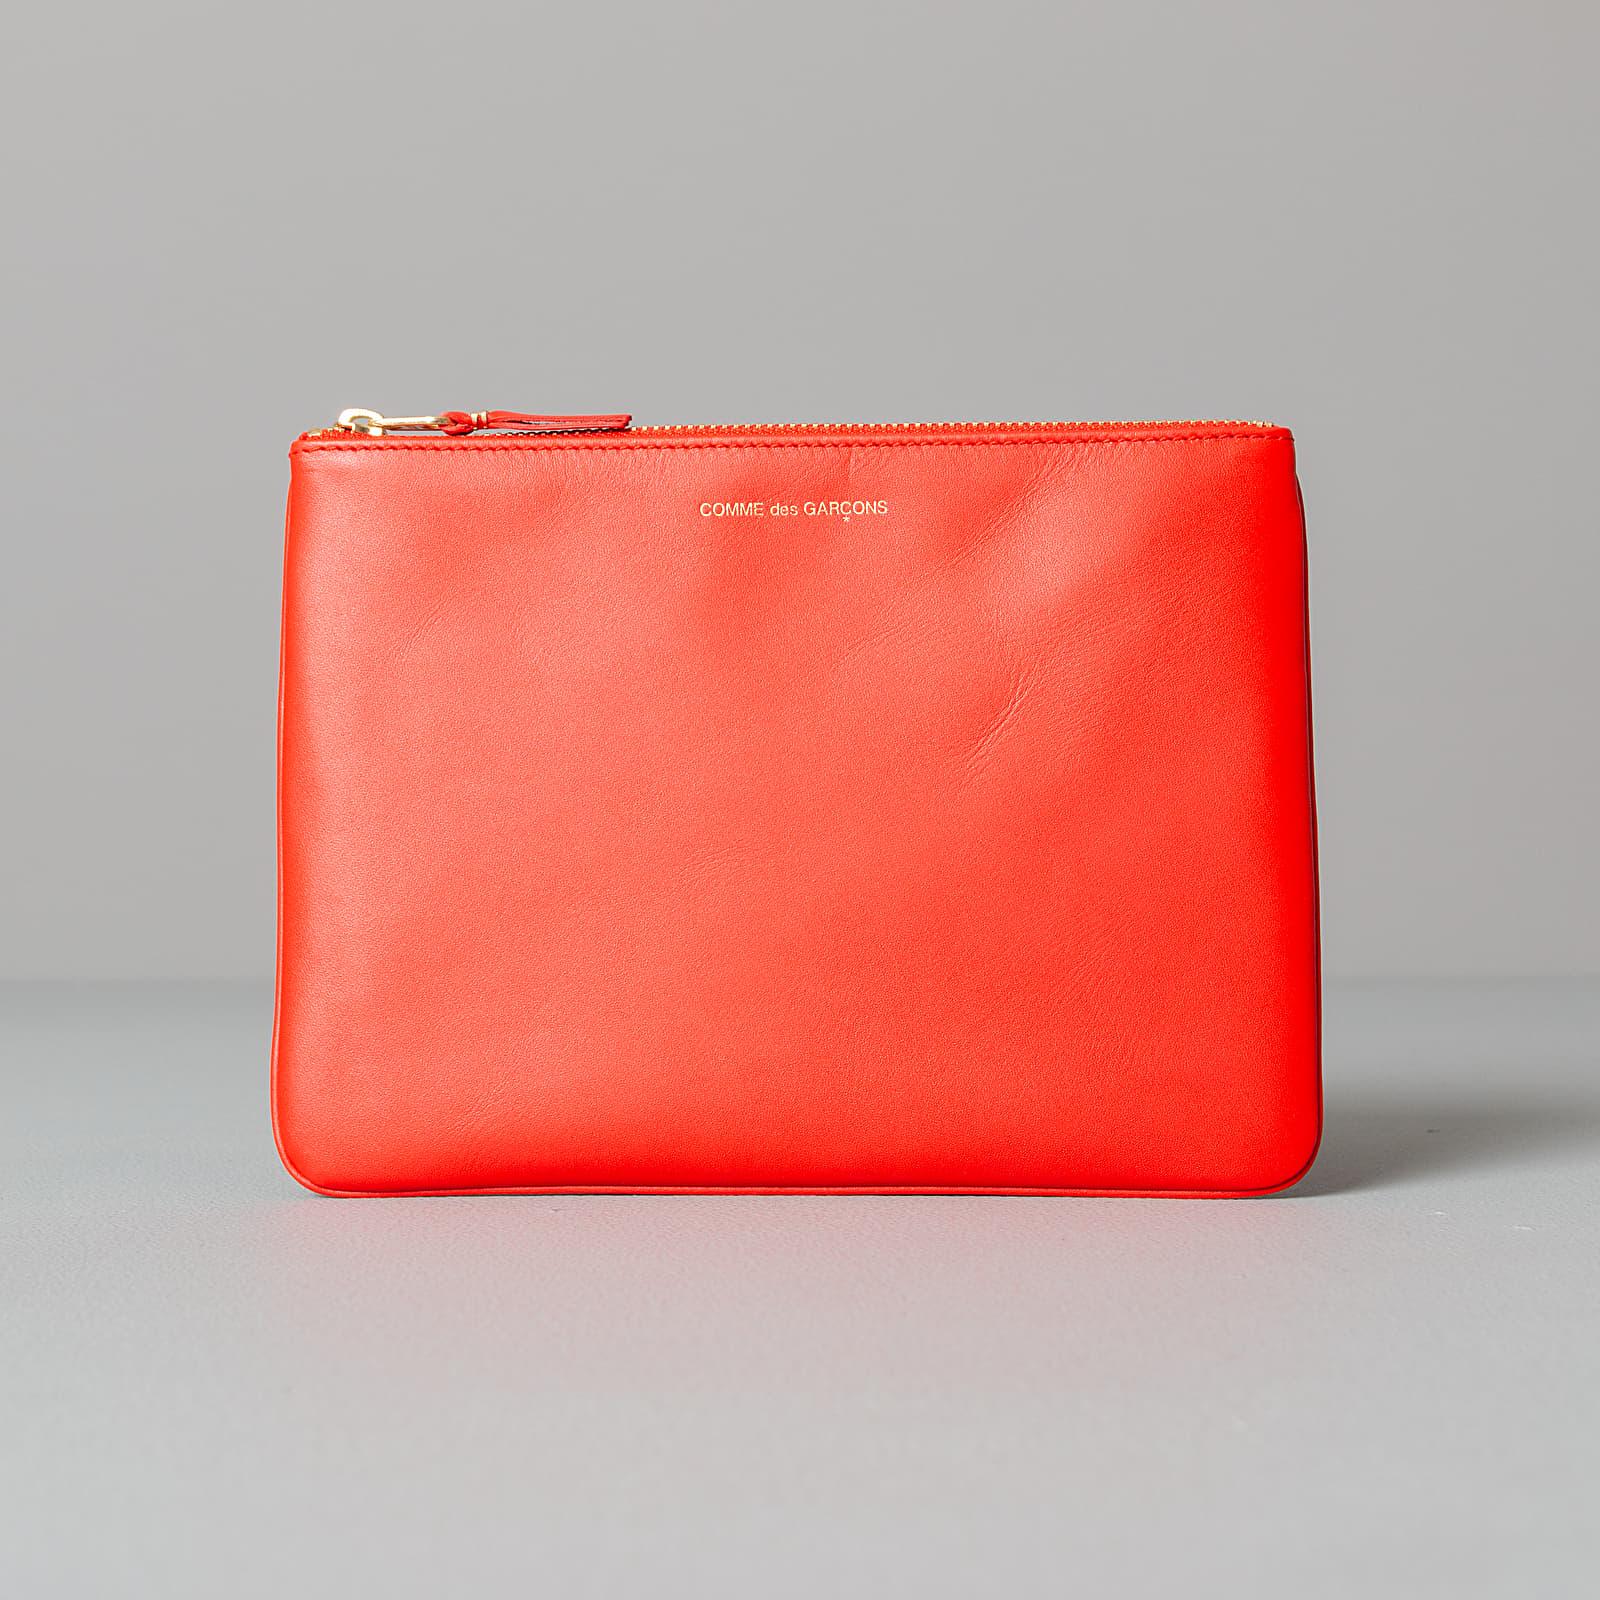 Peněženky Comme des Garçons Arecalf Wallet Orange